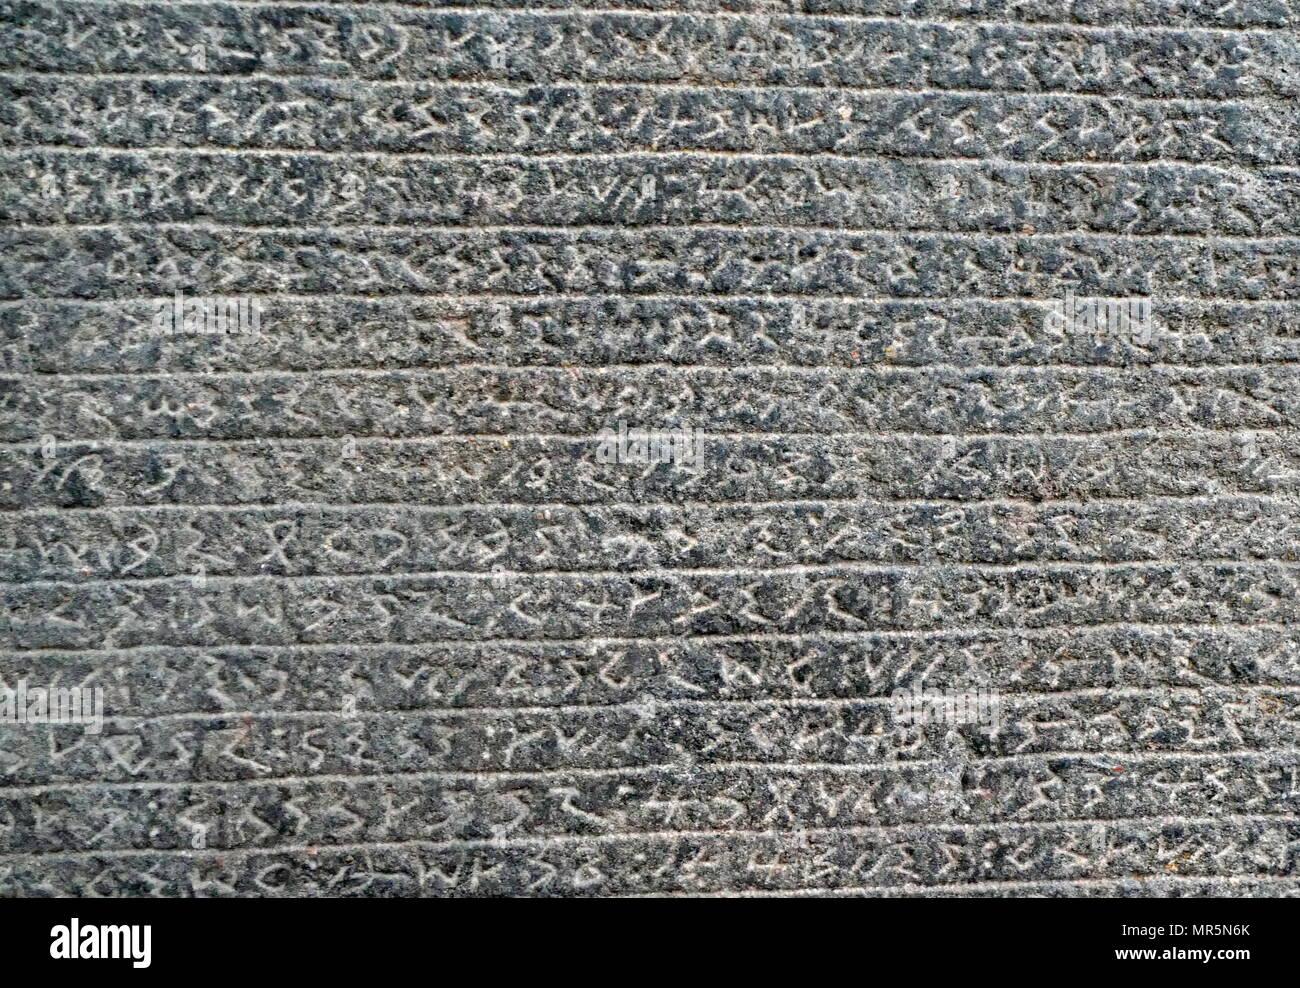 Estela de piedra arenisca inscrito en Meroitic script. Encontrado en un edificio en ruinas al sur de Meroe. Es en gran parte indescifrables, pero los nombres de la Reina y el príncipe Akinidad Amanirenas son reconocibles. Estos gobernantes se vivió durante el final de la primera centum BC, en el momento de Meroes conflicto con los romanos. Por lo tanto, se ha sugerido que la estela fue creado para conmemorar el Mereitic raid en la primera catarata región bajo ocupación romana en 24 AC. Imagen De Stock